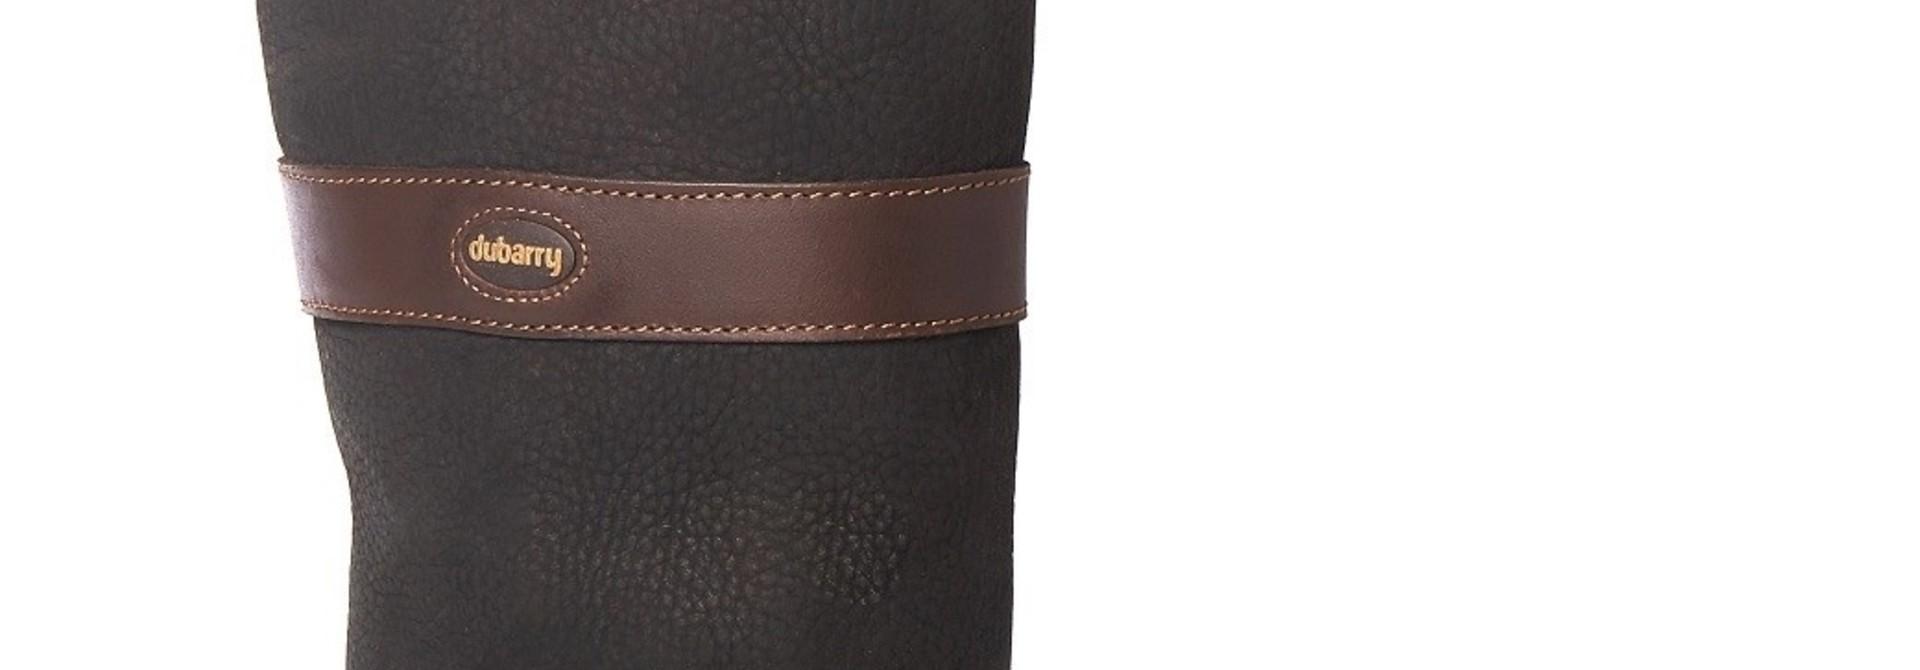 Dubarry Kildare outdoor laarzen - Black/Brown